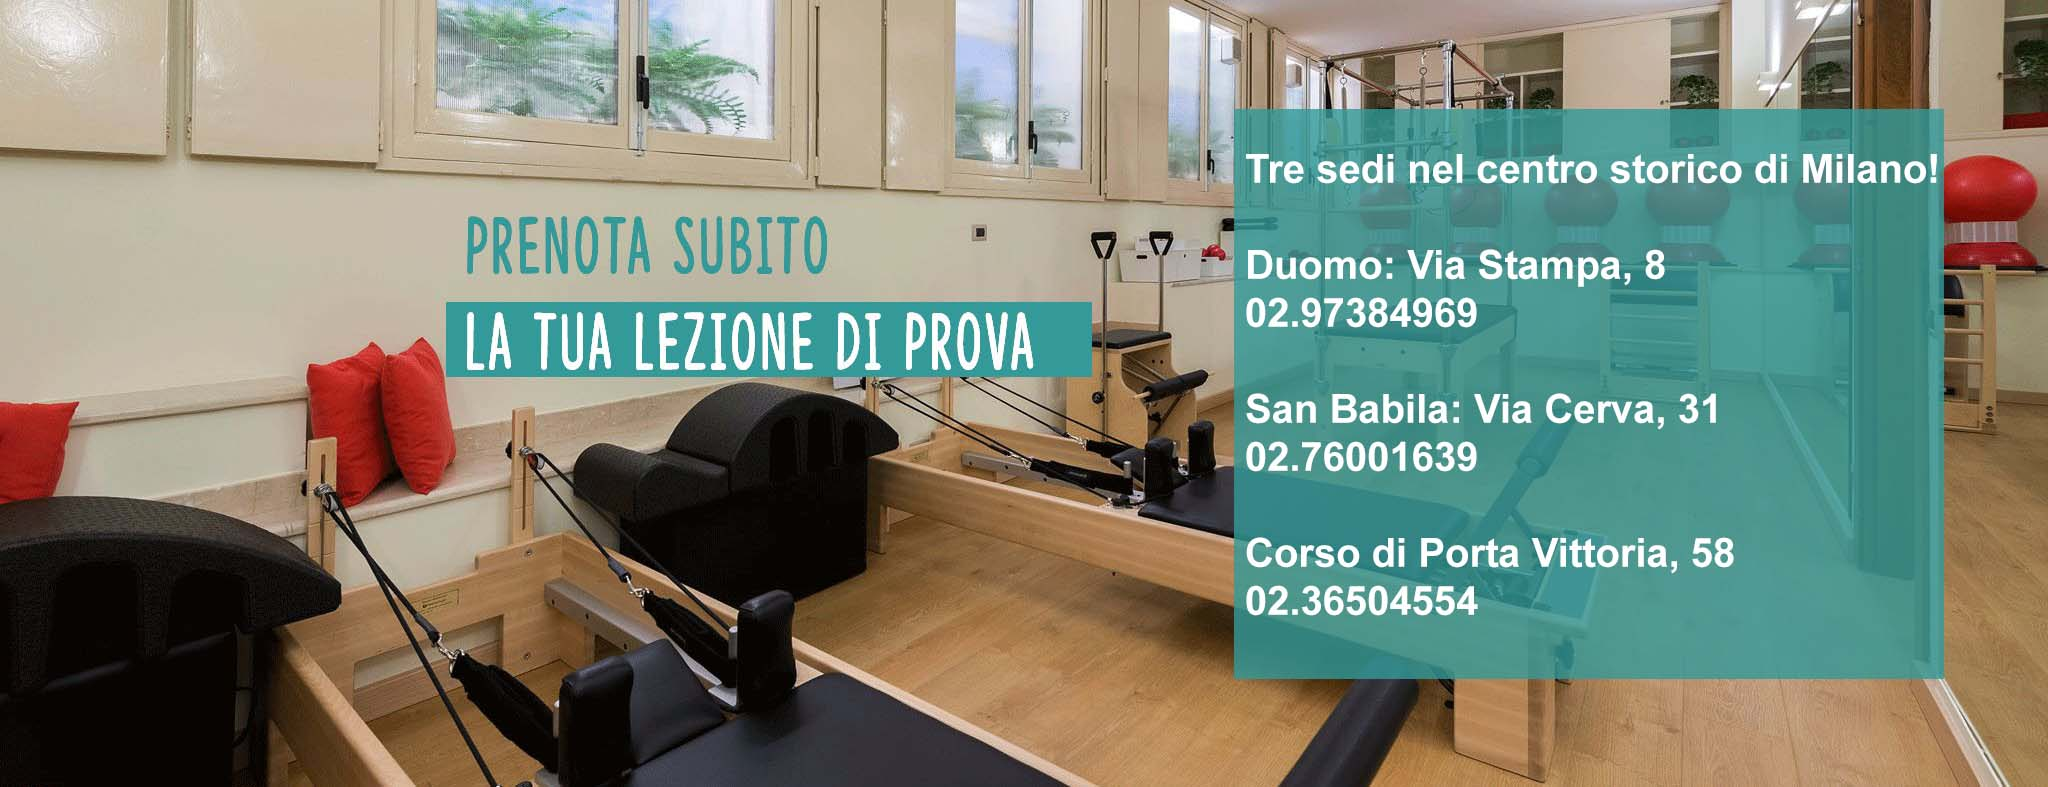 Pilates Viale Jenner Milano - Prenota subito la tua lezione di prova